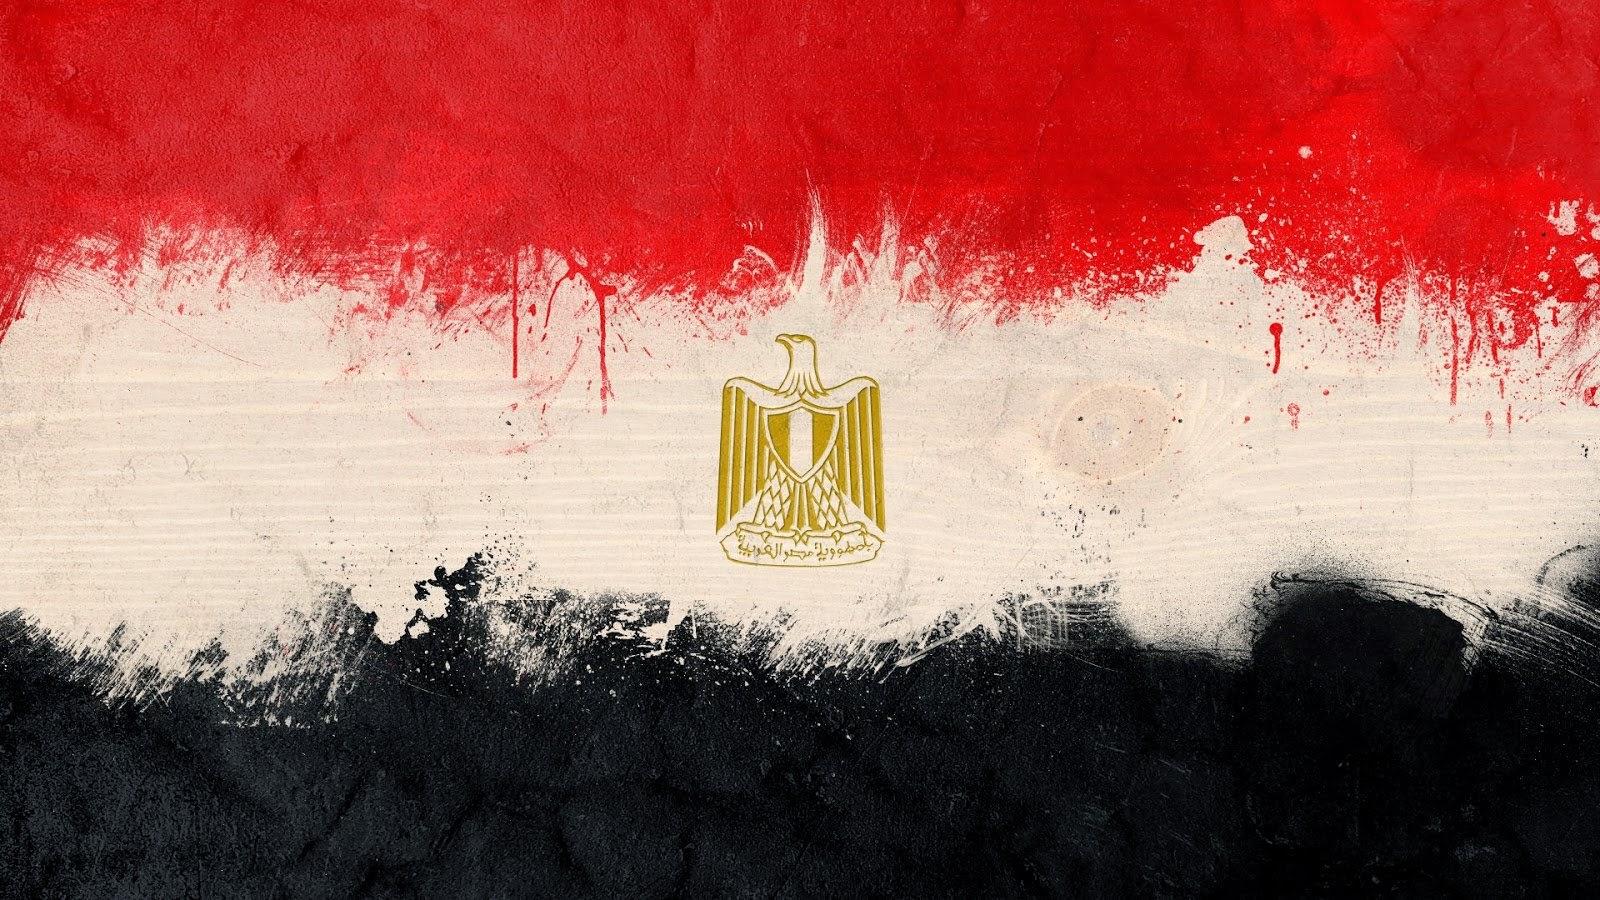 مصر اليوم : مقتل وإصابة 28 شخصا في حوادث متفرقه بالإسكندرية وسوهاج والأقصر